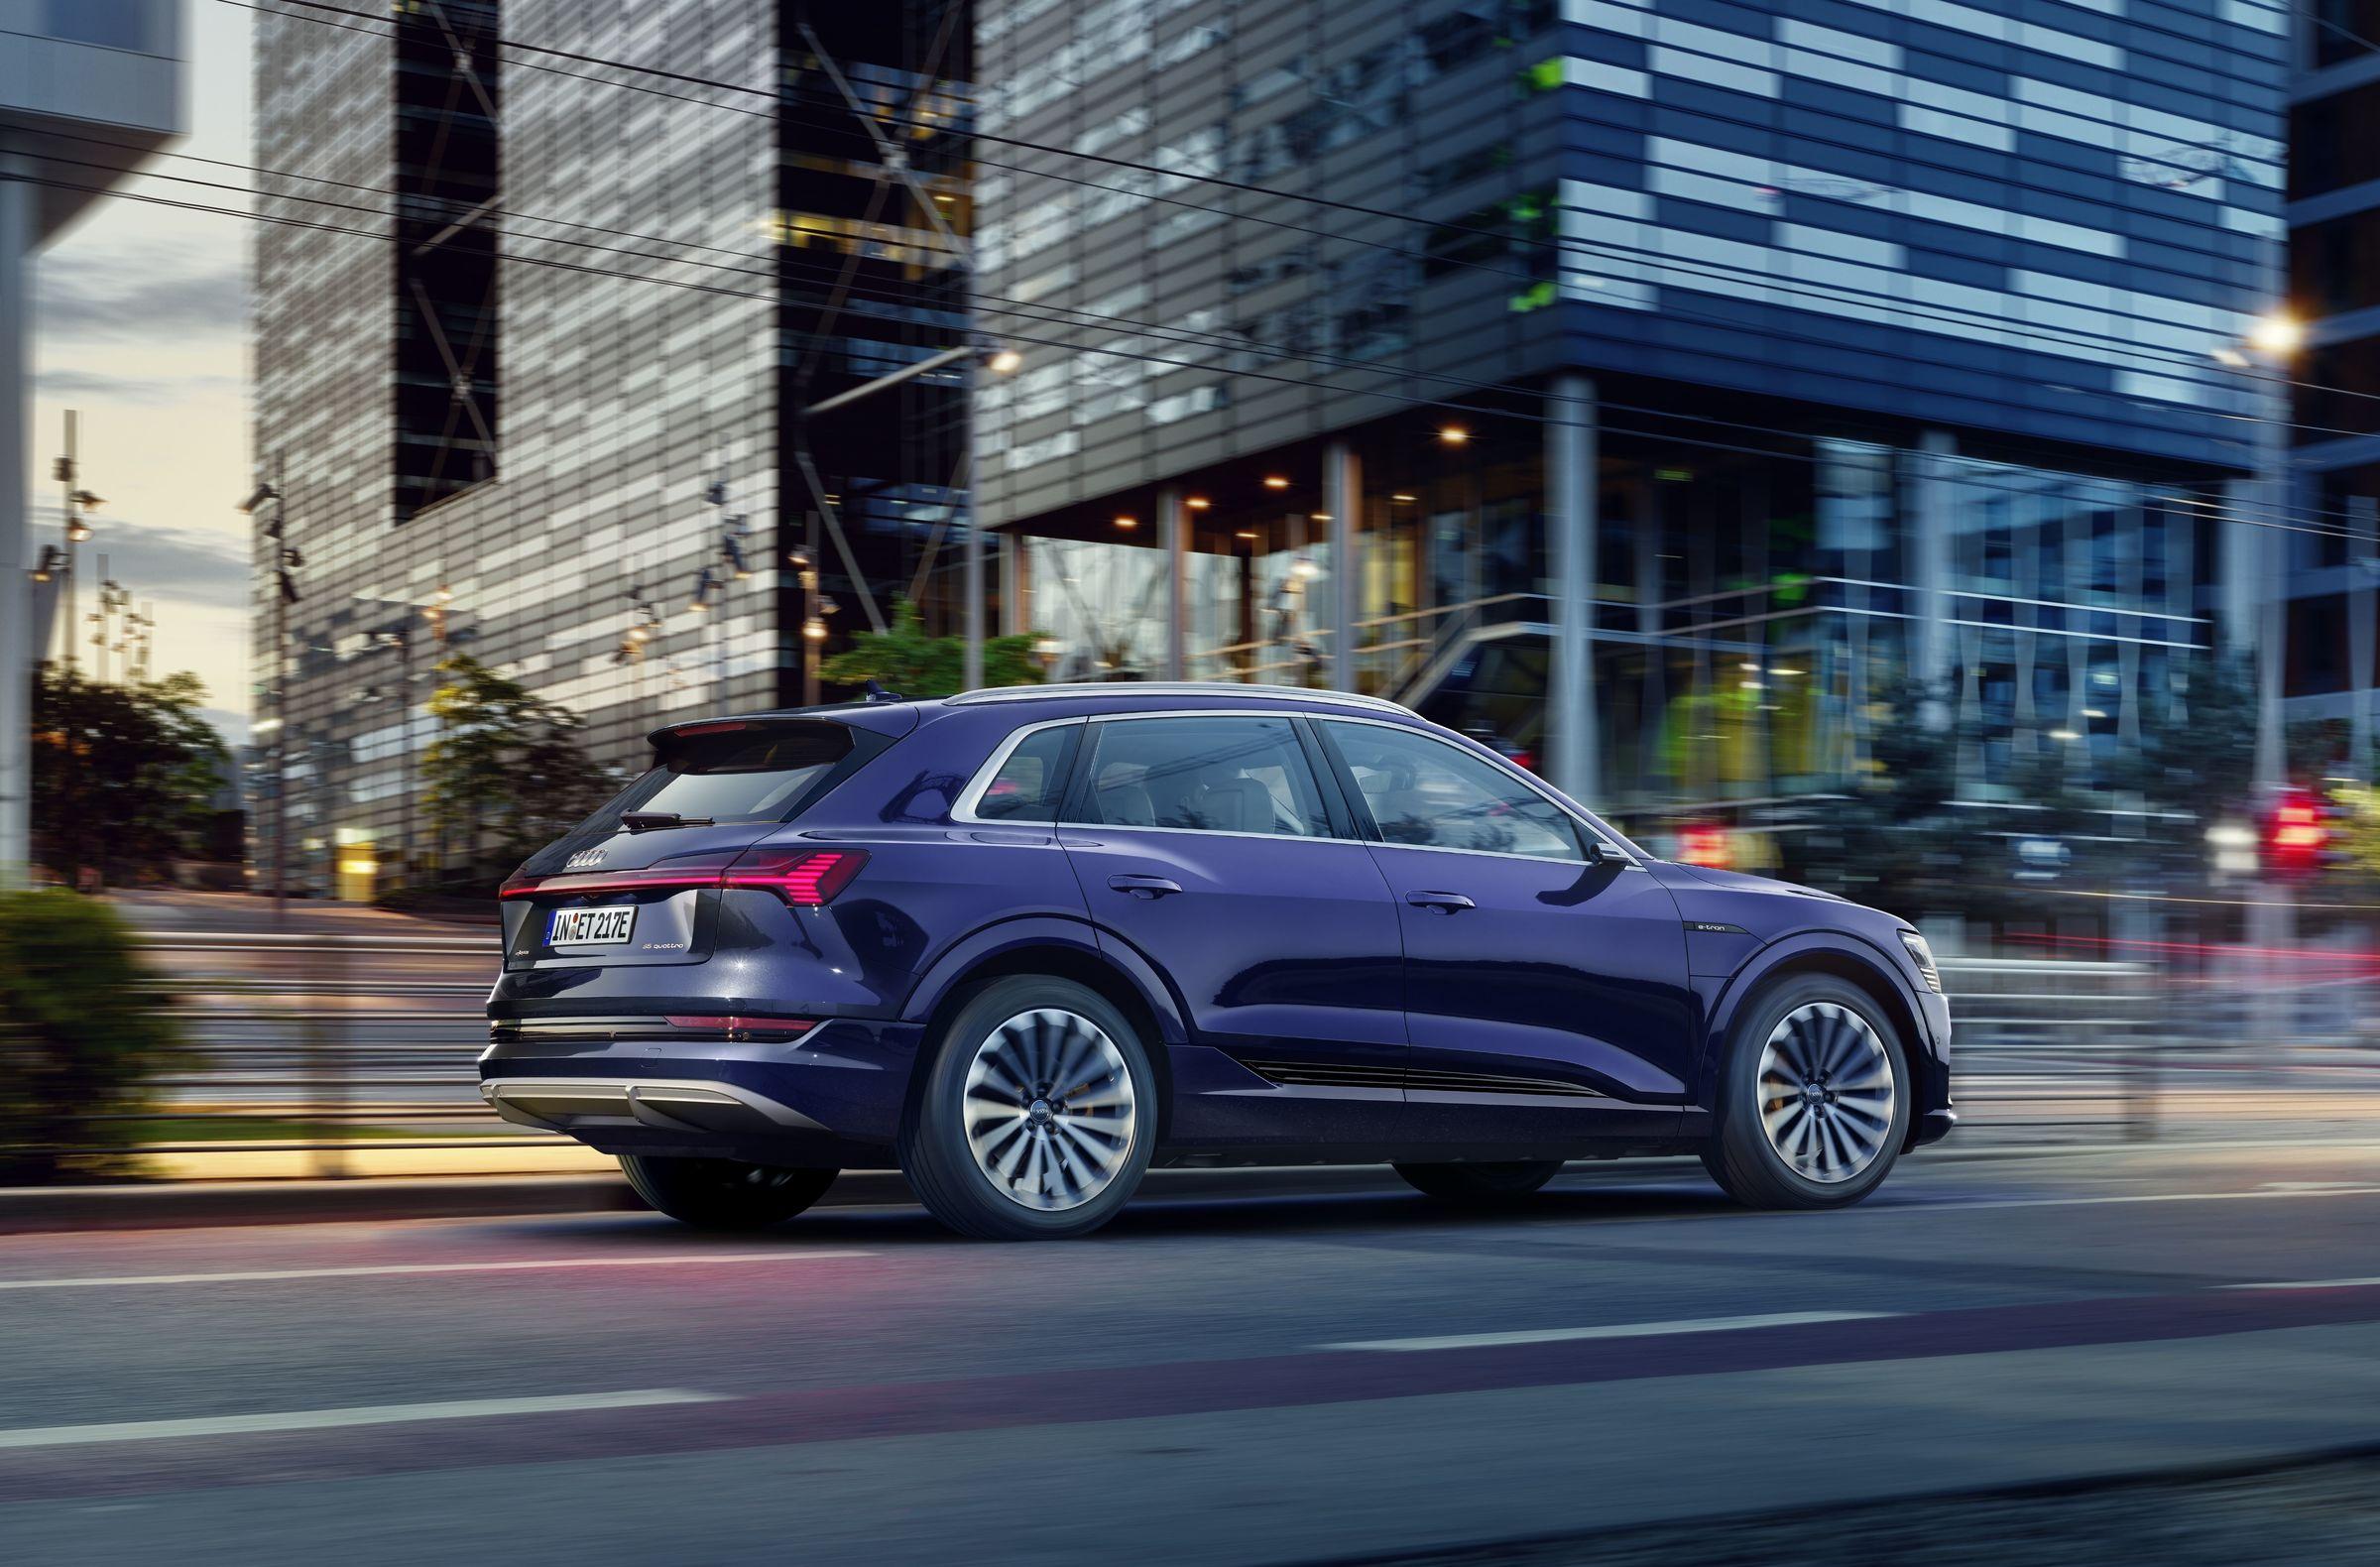 Audi : la production de l'e-tron au ralenti, l'approvisionnement de batteries en cause